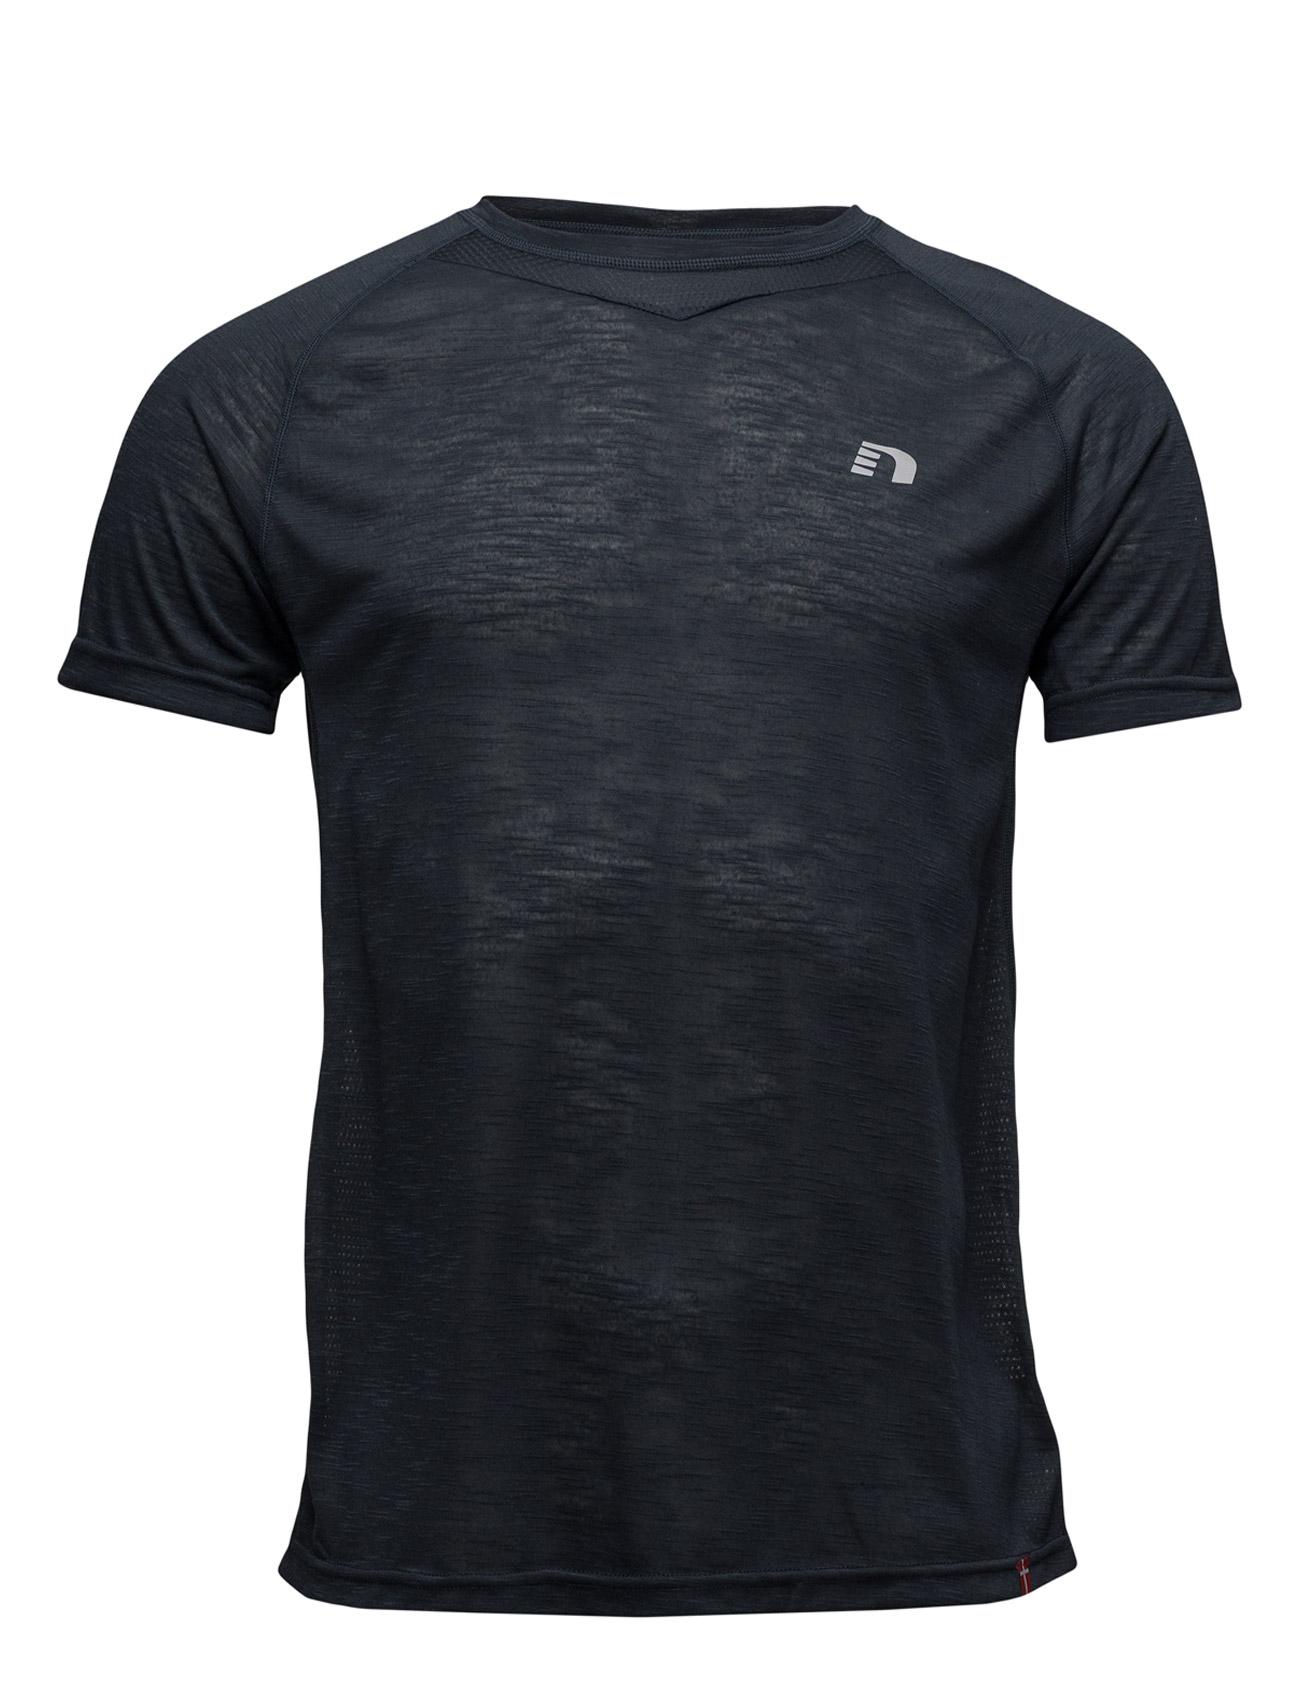 Imotion Tee Newline Løbe t-shirts til Herrer i